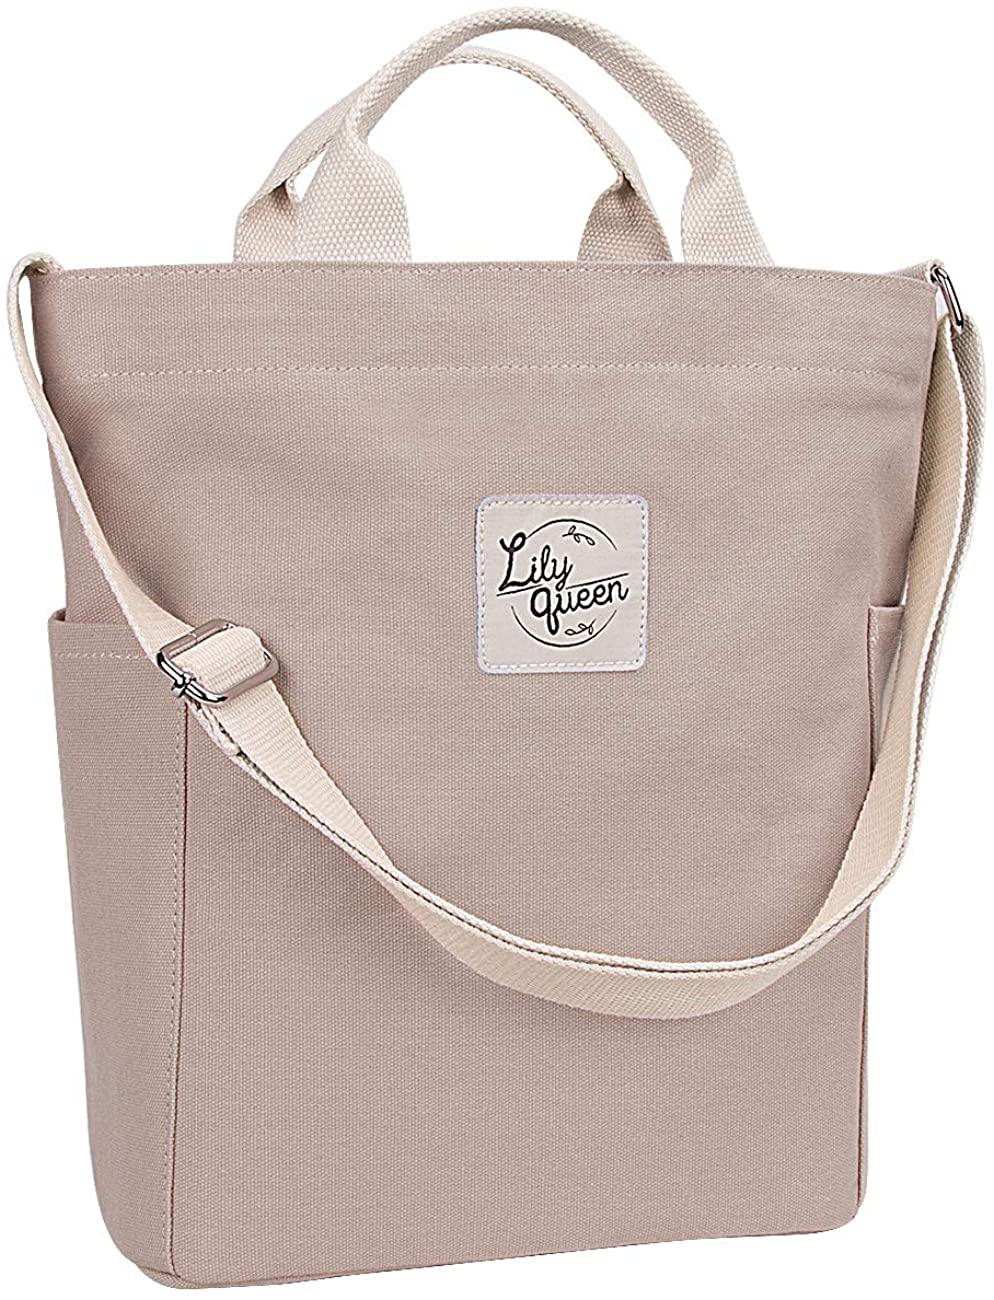 Lily Queen Women Canvas Tote Handbags Casual Shoulder Work Bag Crossbody